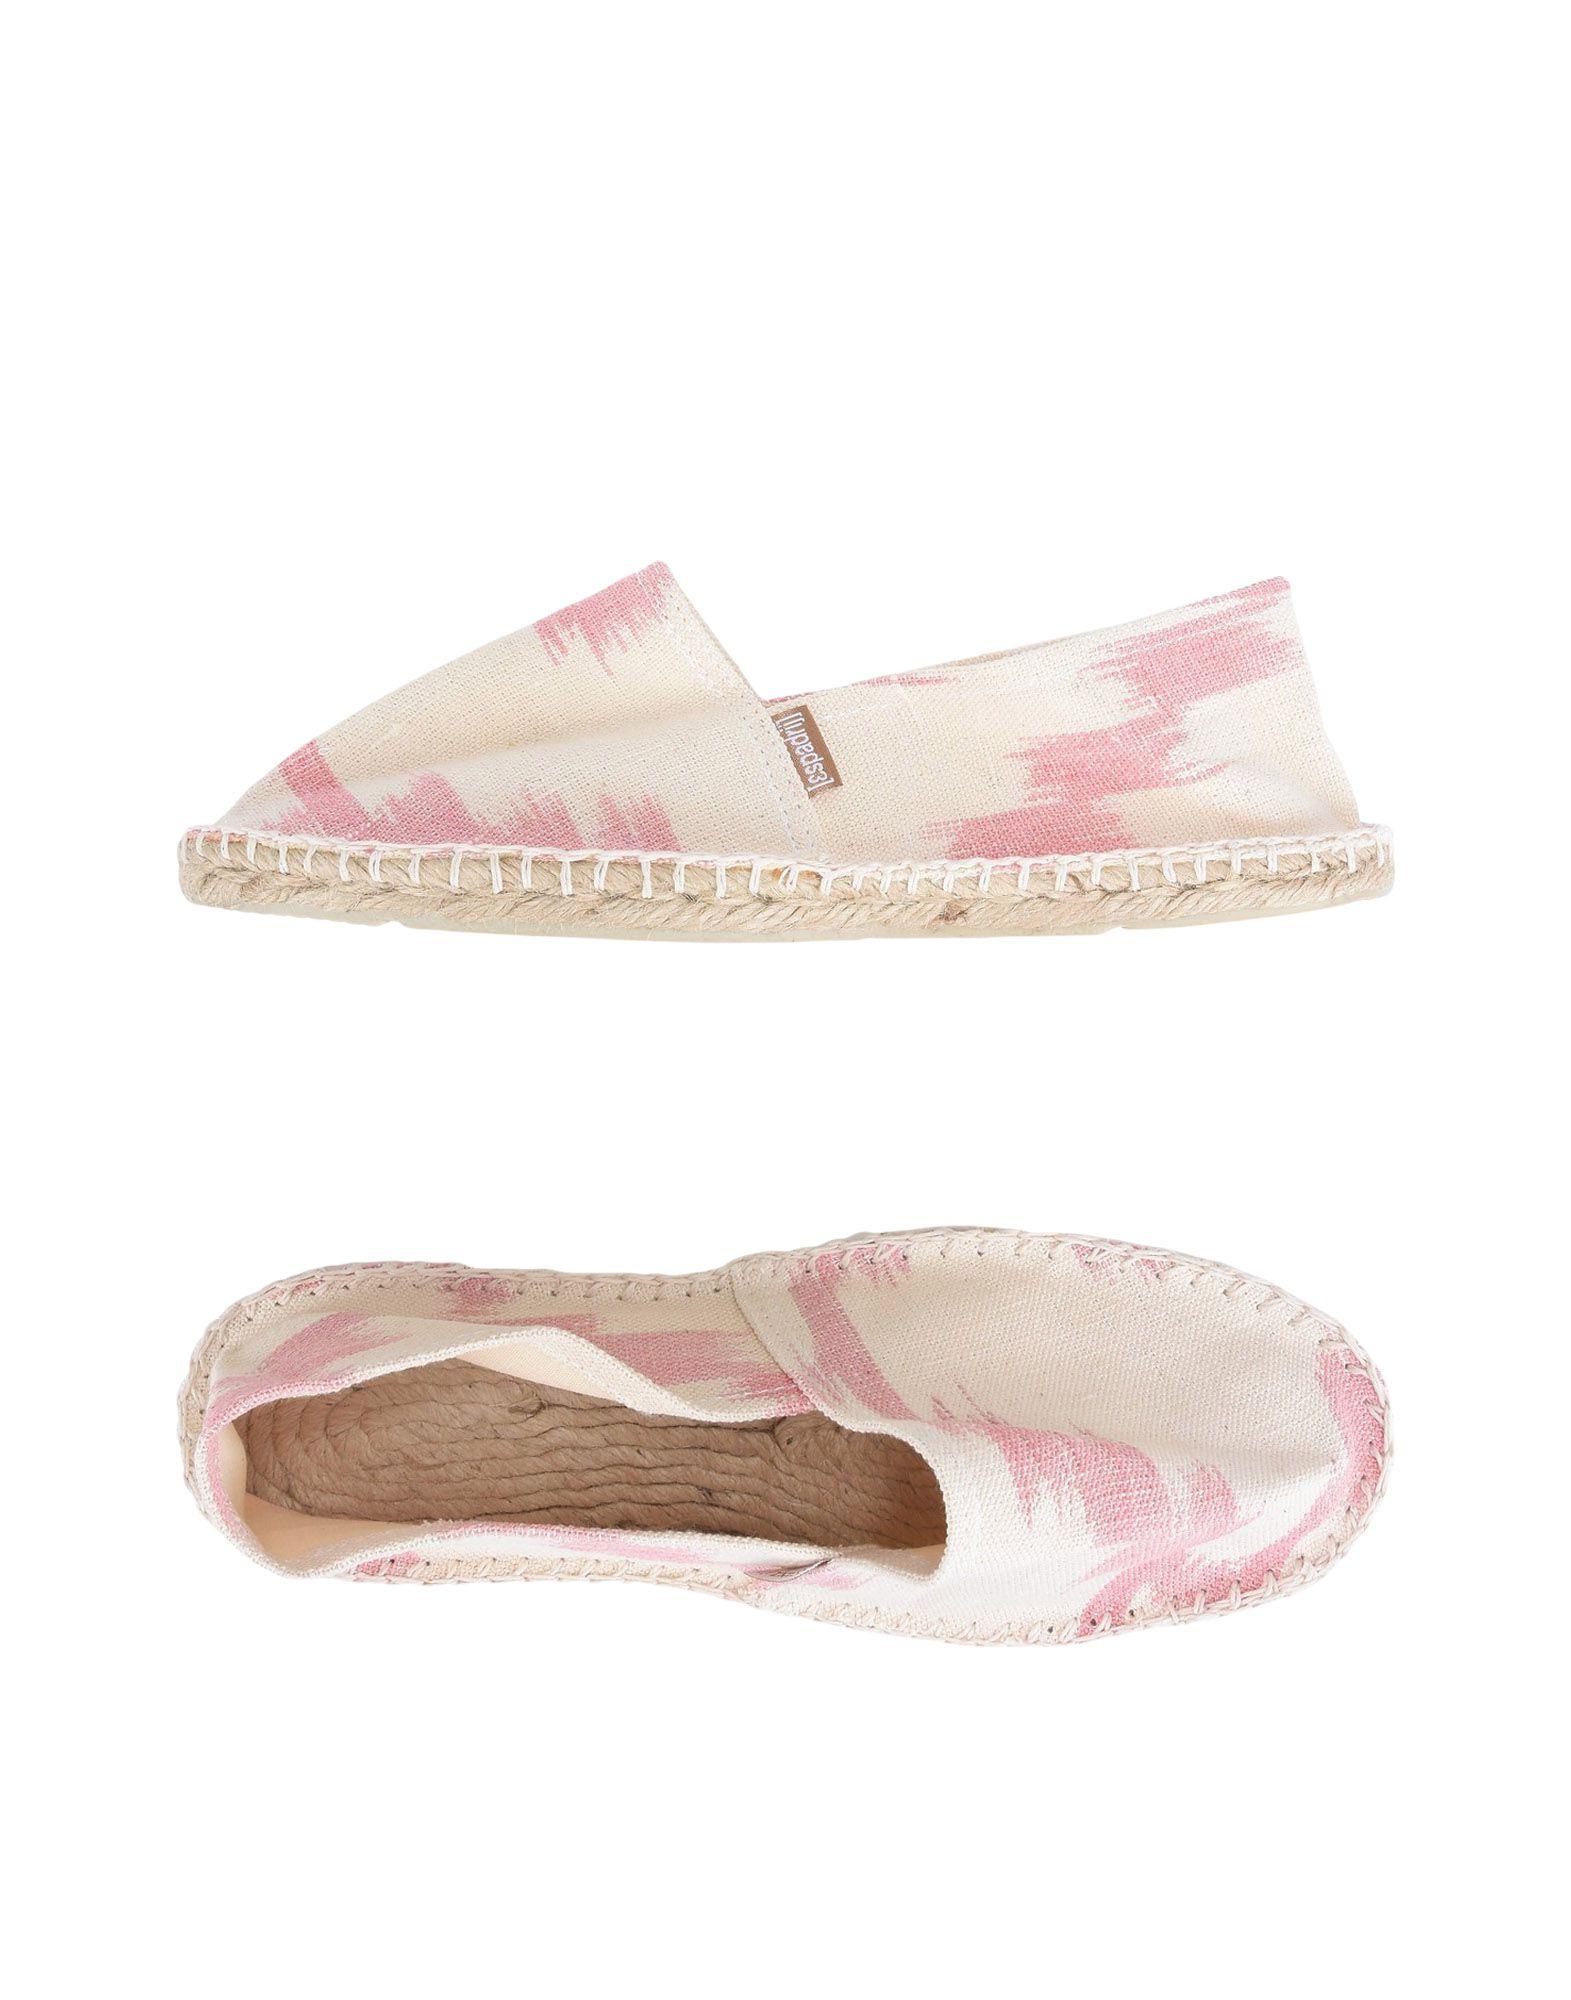 《送料無料》[ESPADRIJ] レディース エスパドリーユ ピンク 36 紡績繊維 CLASSIC IKAT WOMEN